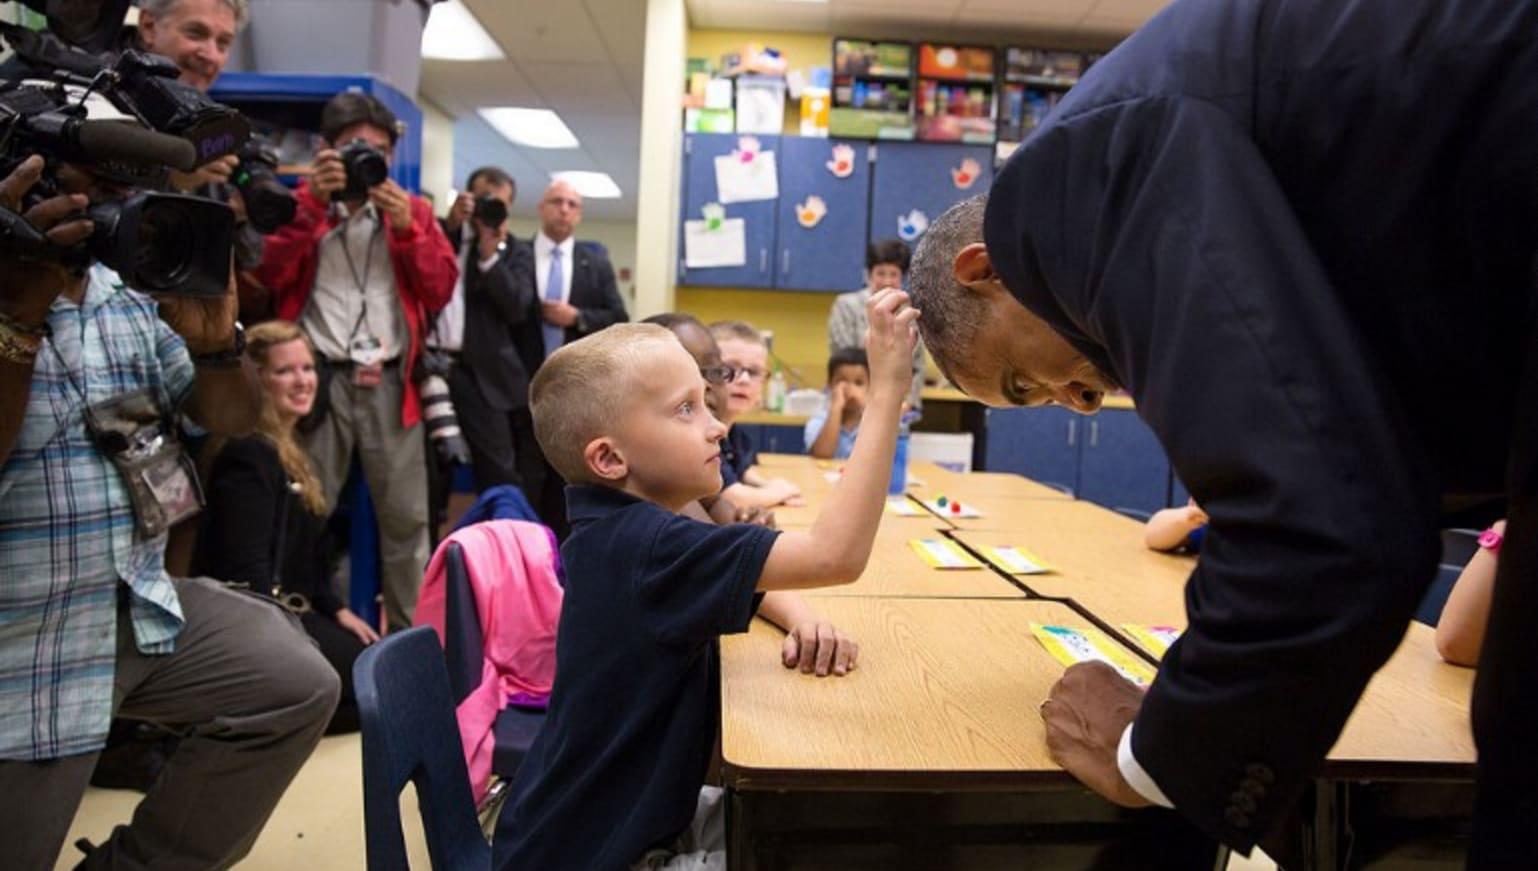 أوباما: لا أصبغ شعري مثل زعماء آخرين